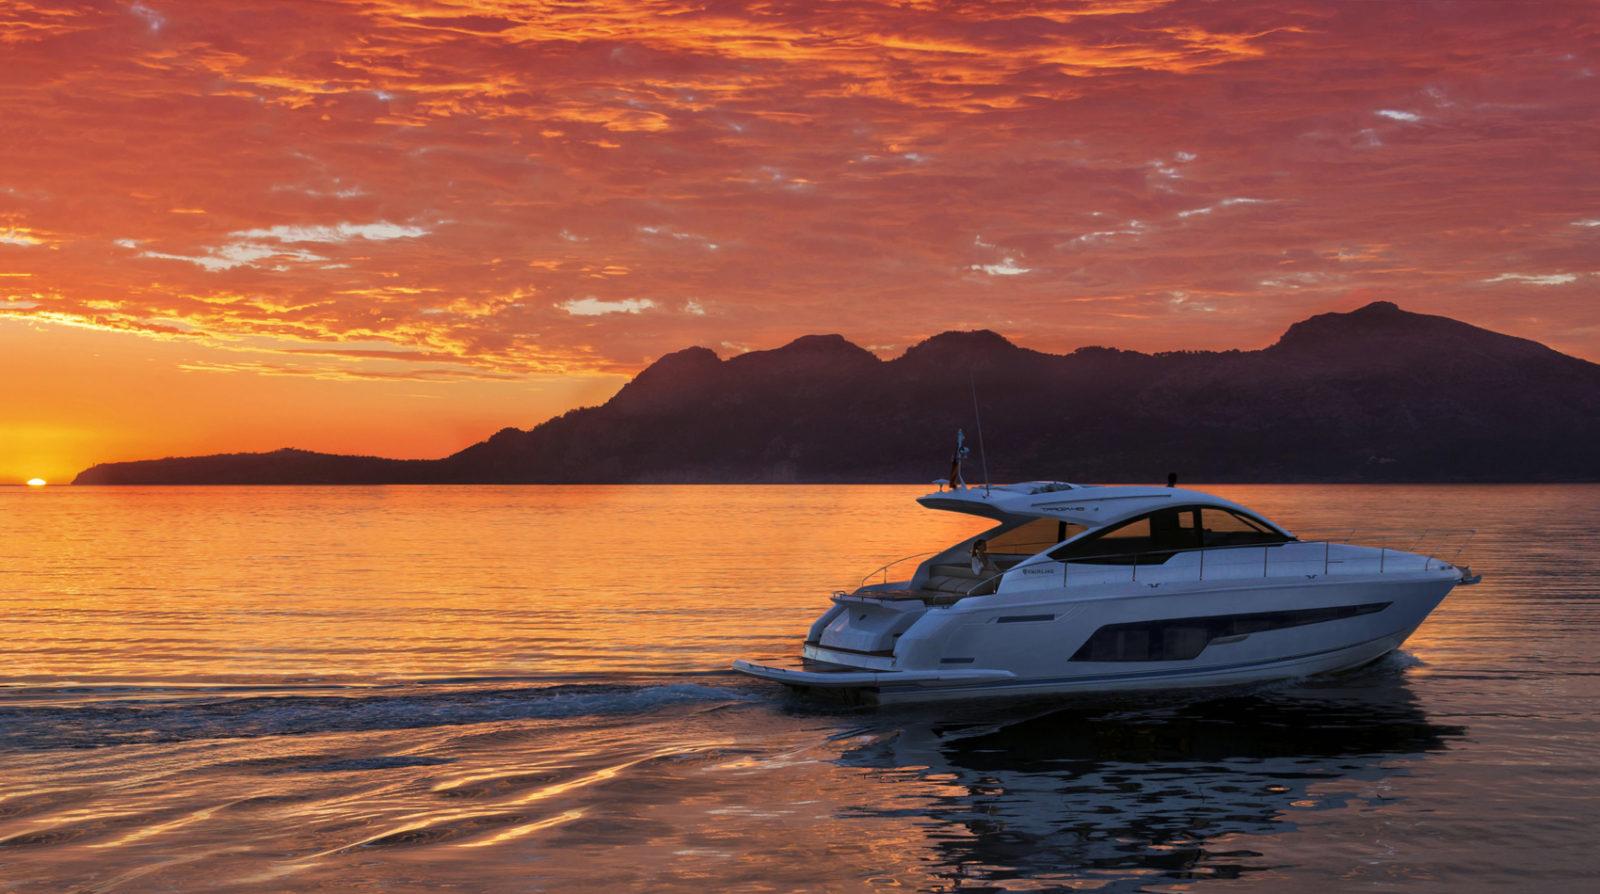 3000L_targa-48-open-sunset-1700x950 | Targa 48 Open